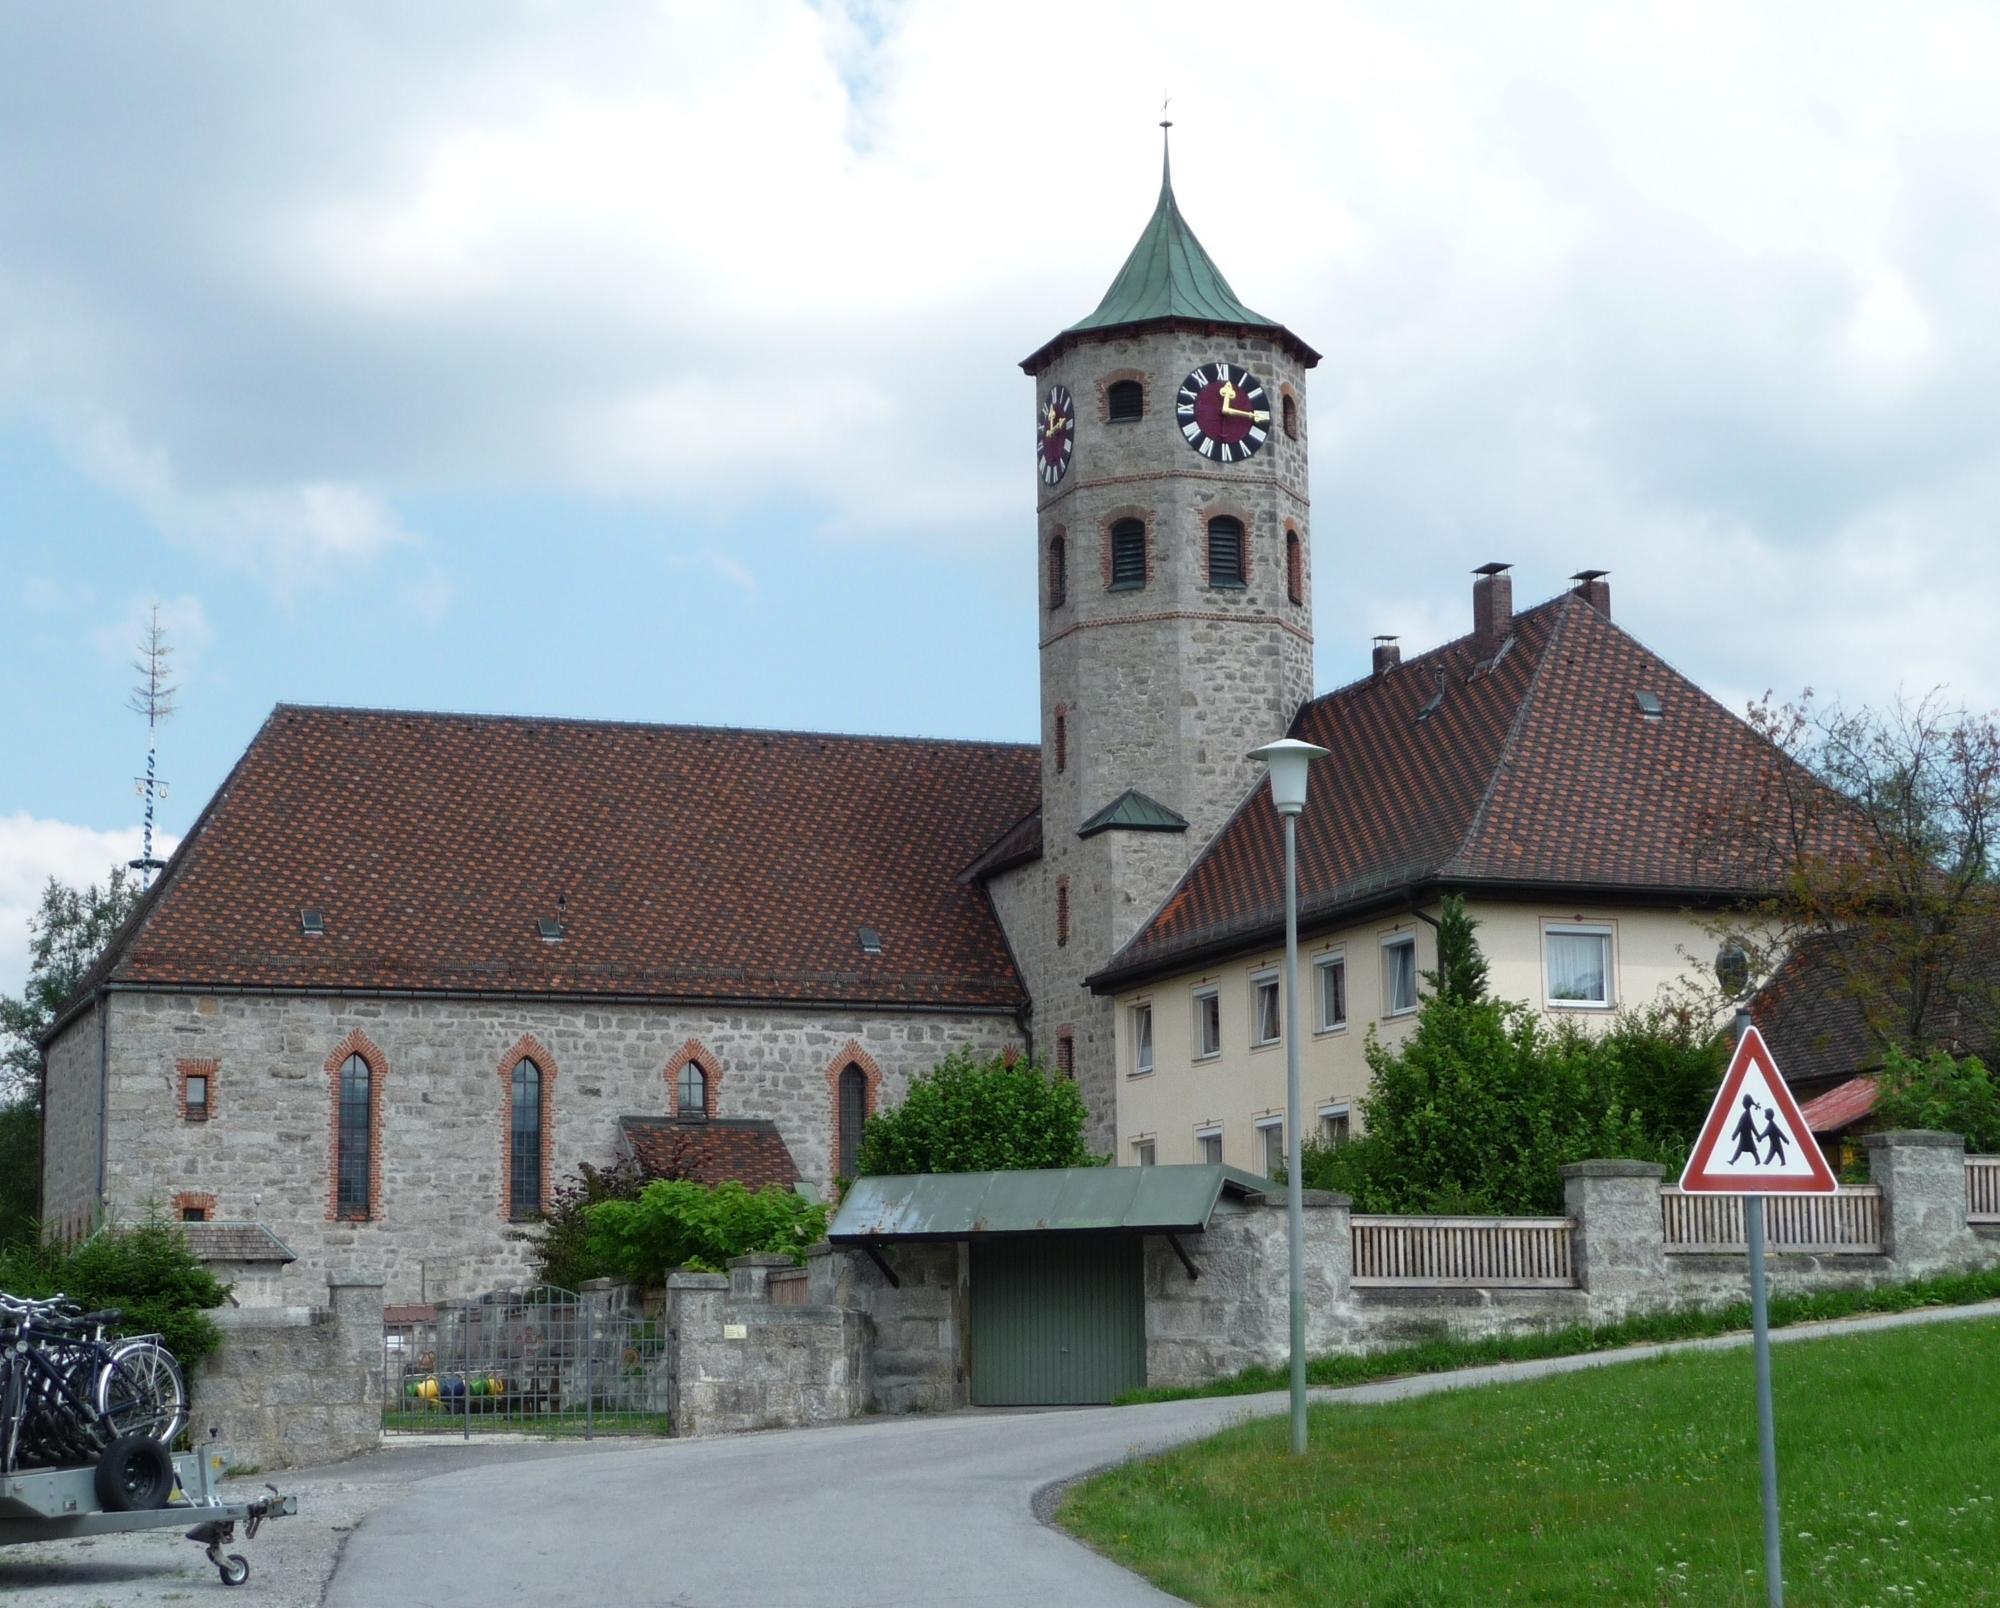 Pfarrkirche Haidm C3 B Chle